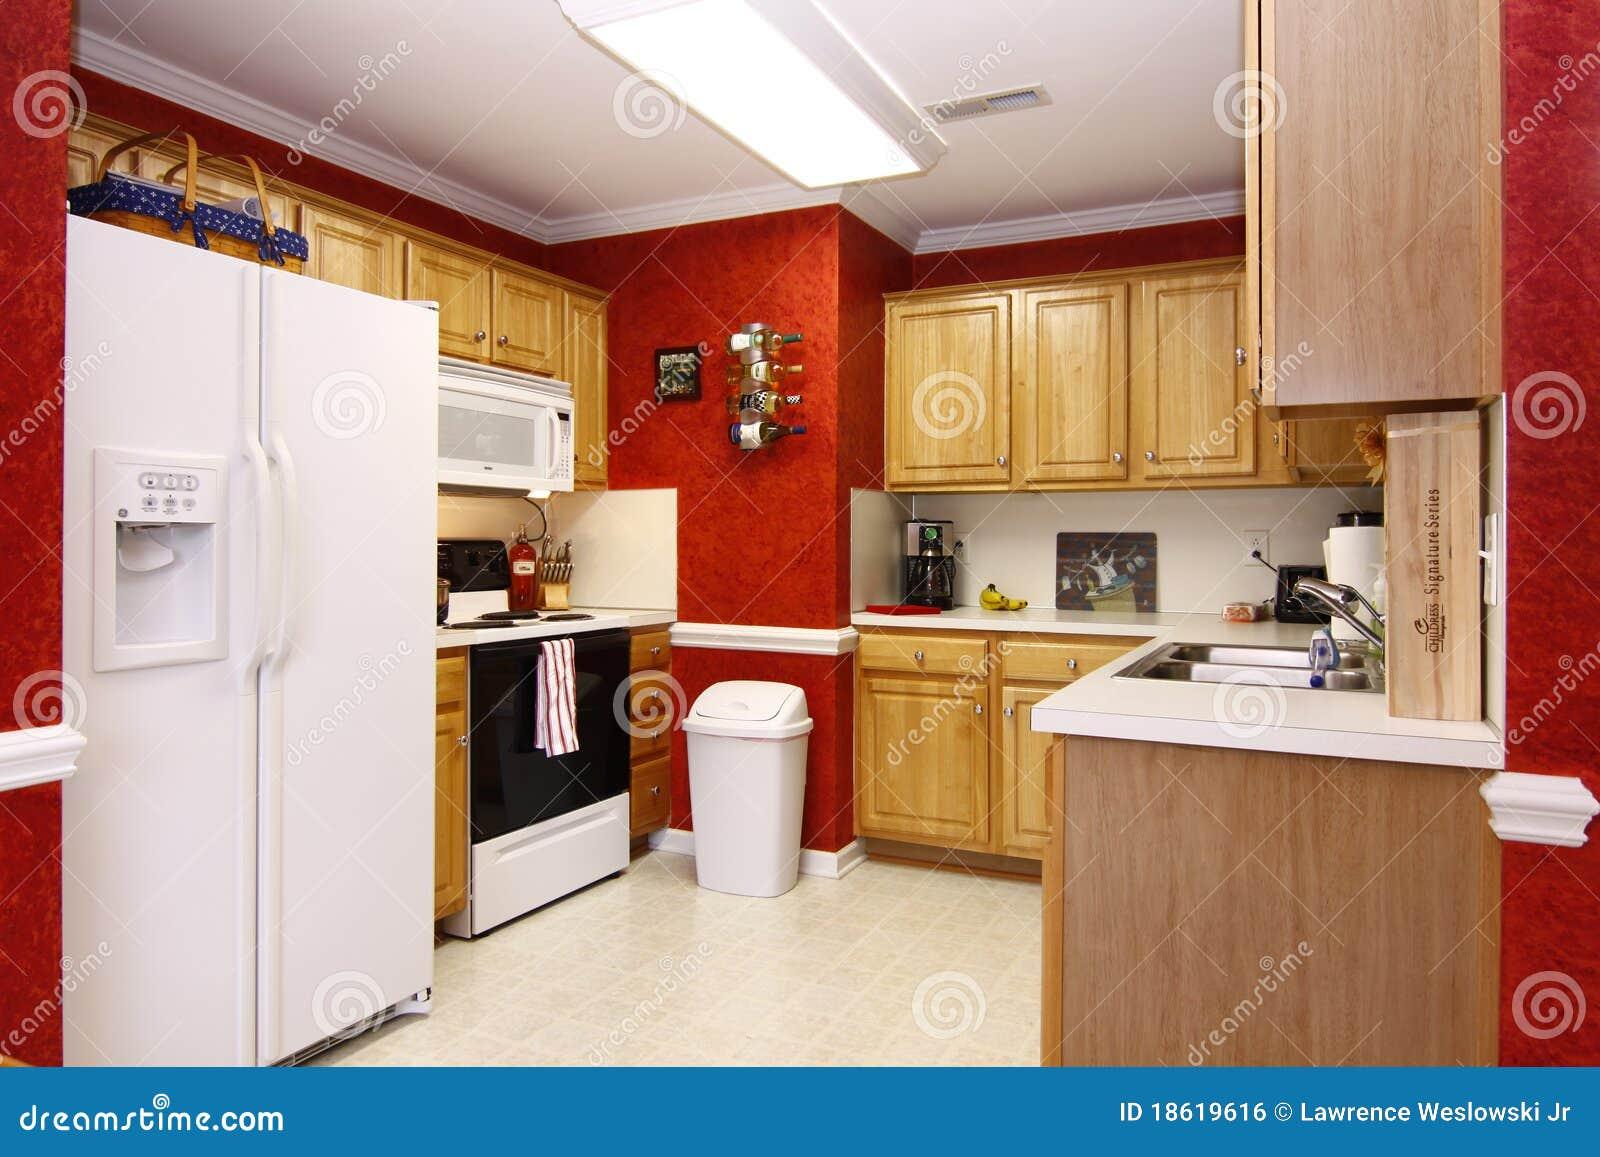 #B92C12 de uma cozinha alegre brilhante do estilo da galera em uma casa  1300x957 px Estilo De Cozinha Em Casa_222 Imagens